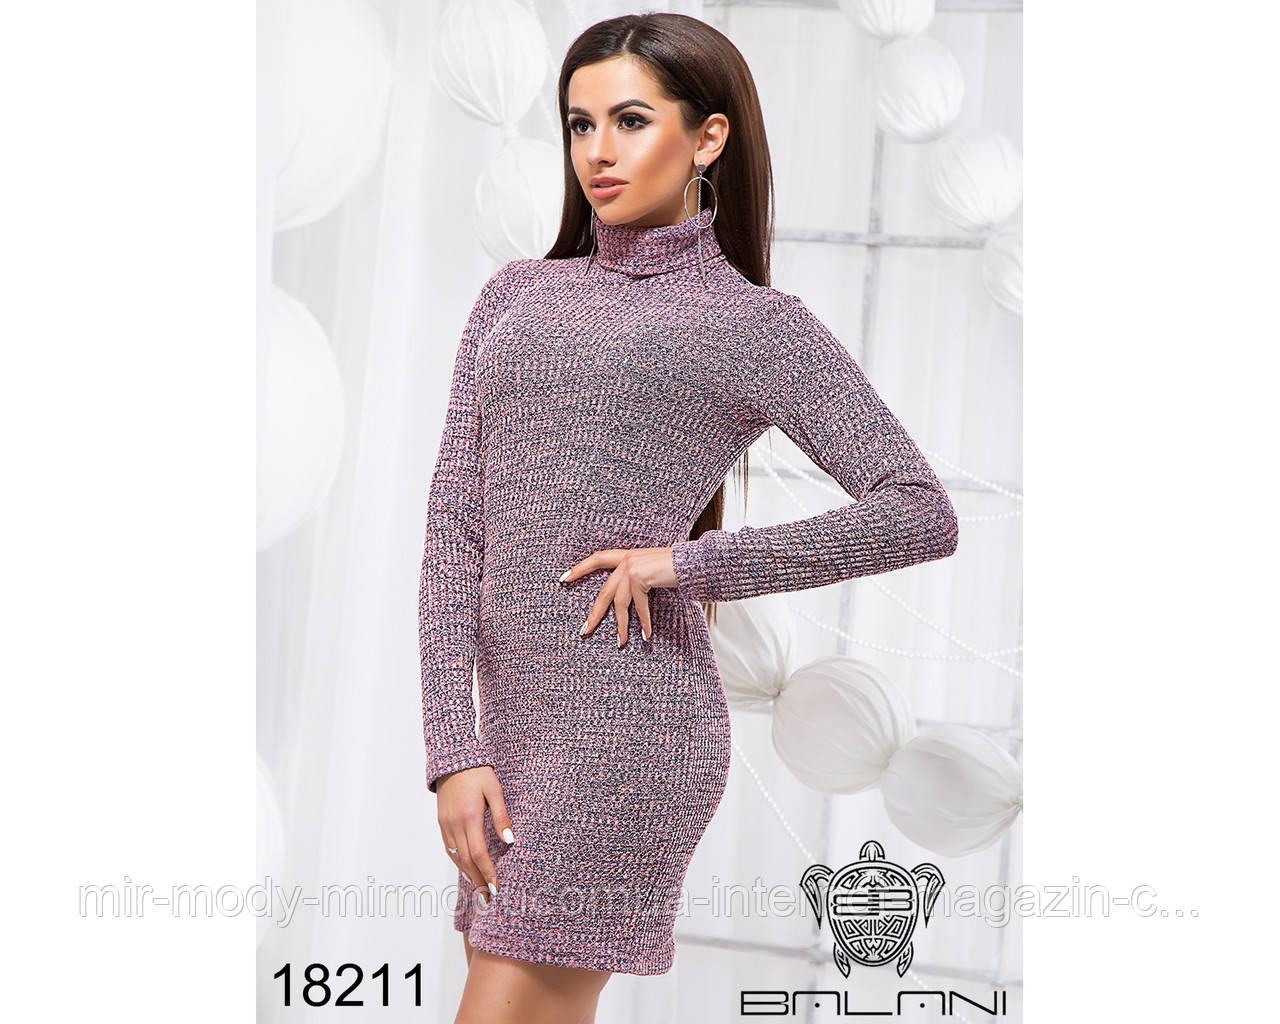 Облегающее платье под горло - 18211(б-ни)